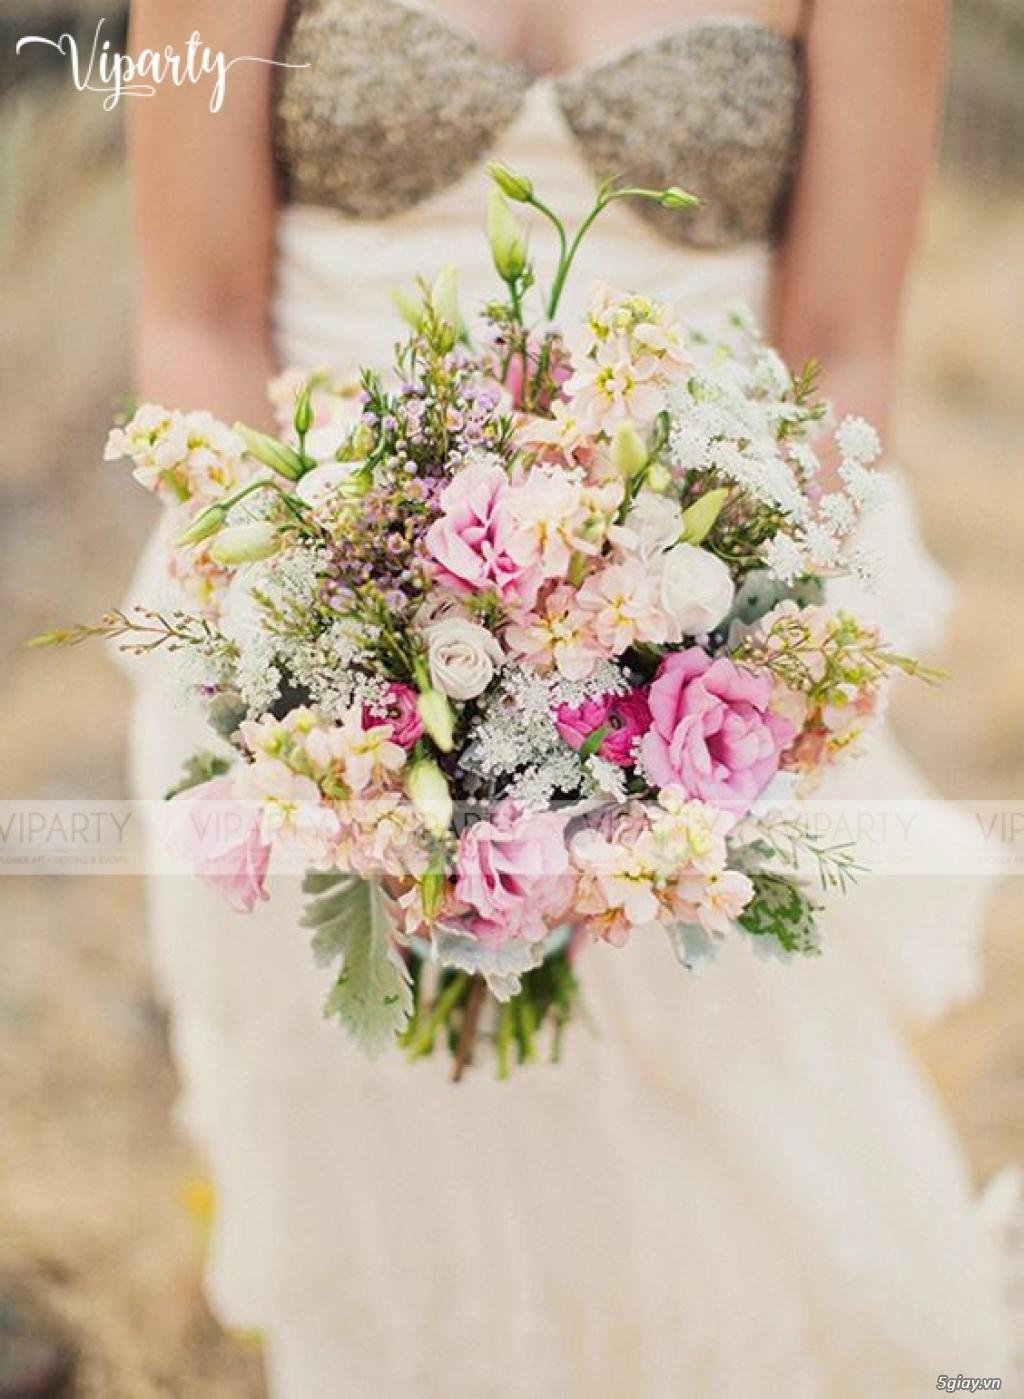 Chuyên cung cấp: Hoa cầm tay Cô Dâu & Hoa Sự Kiện : Wedding & Events - 31